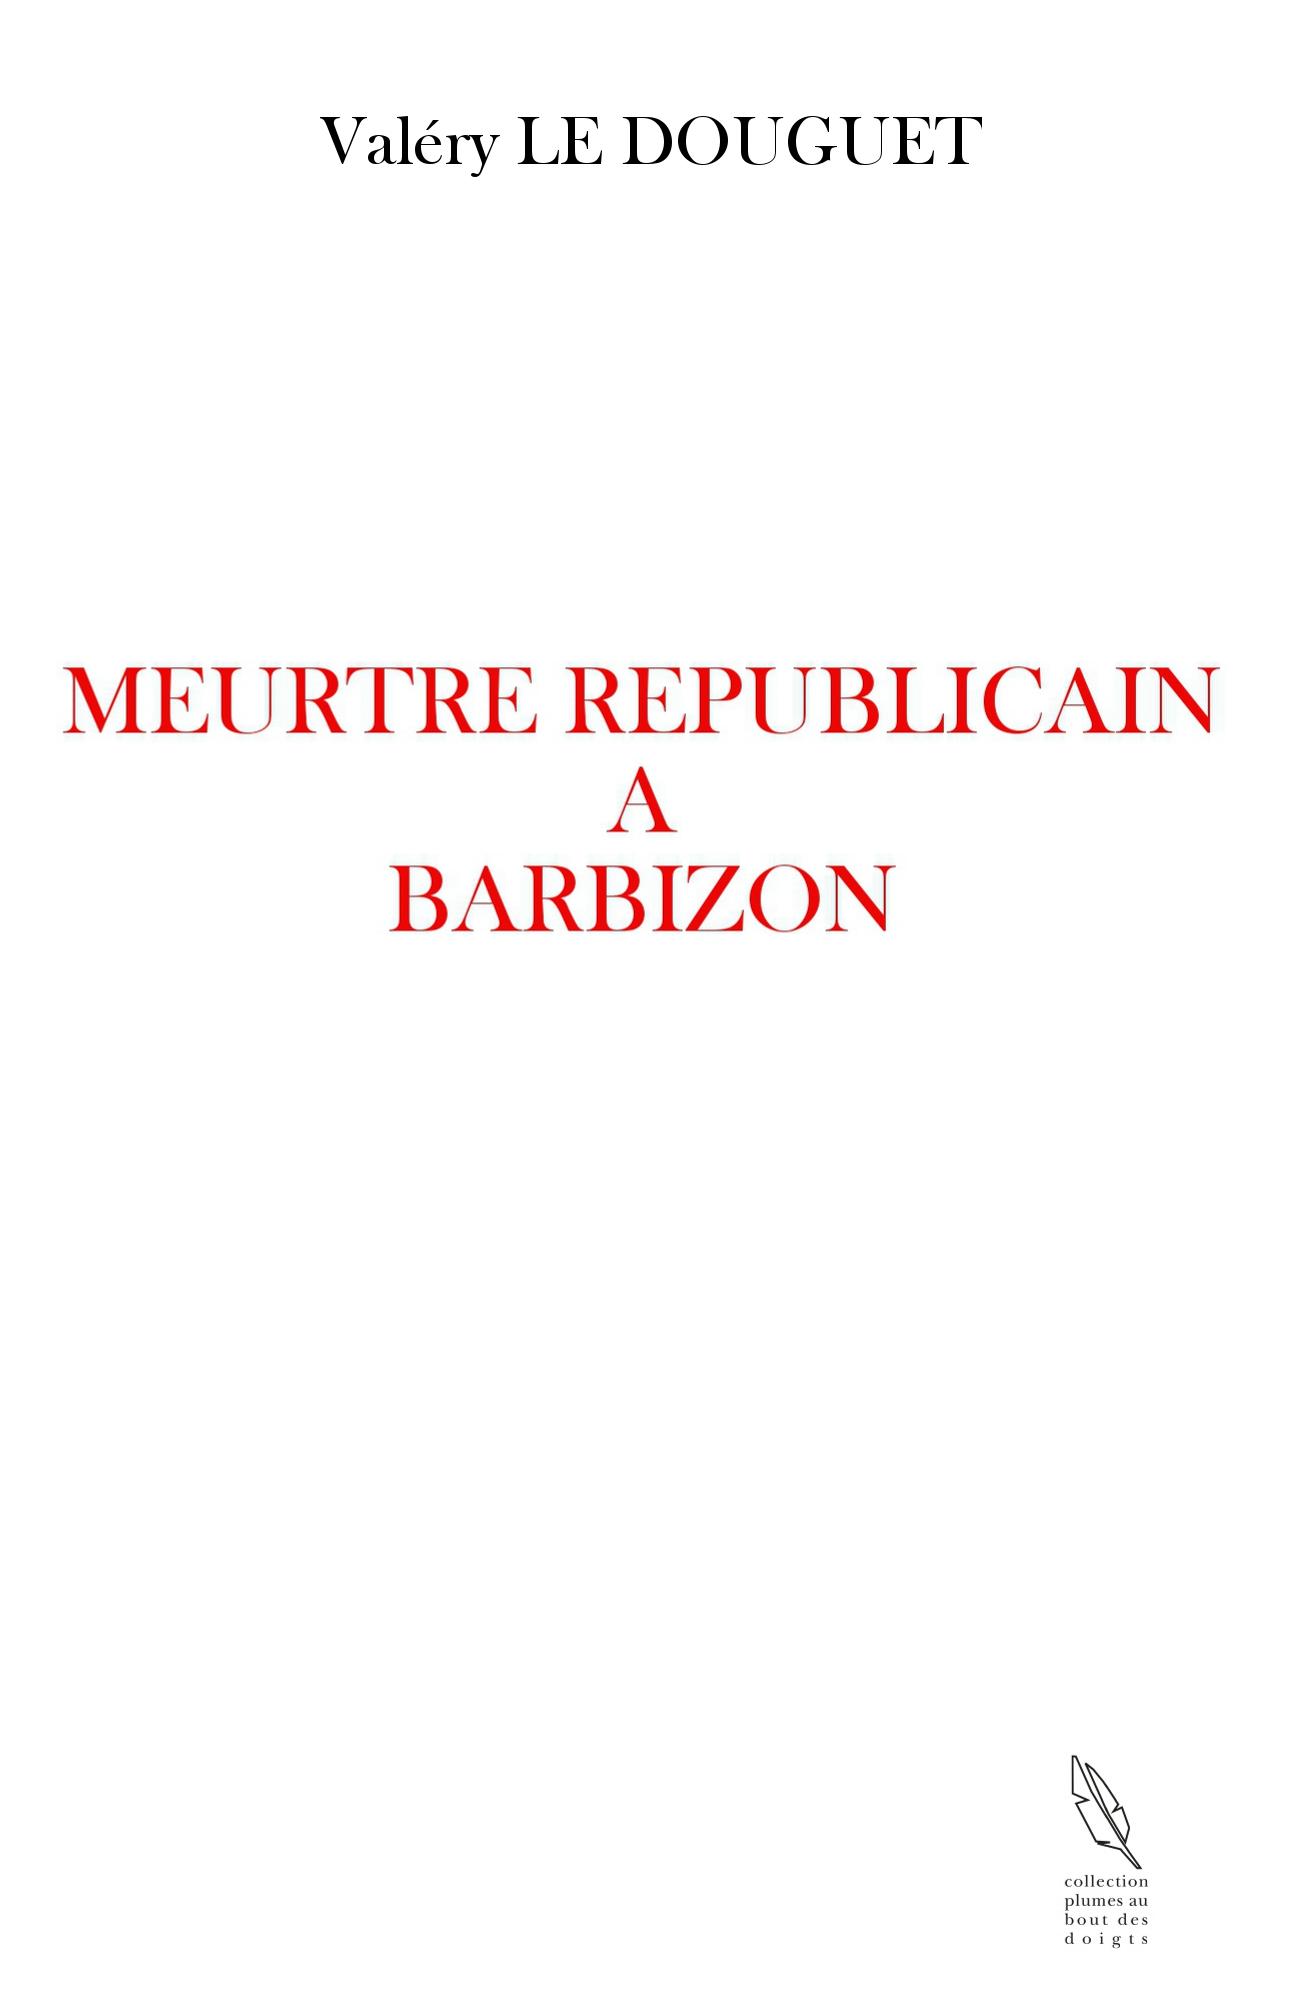 Meurtre Républicain à Barbizon